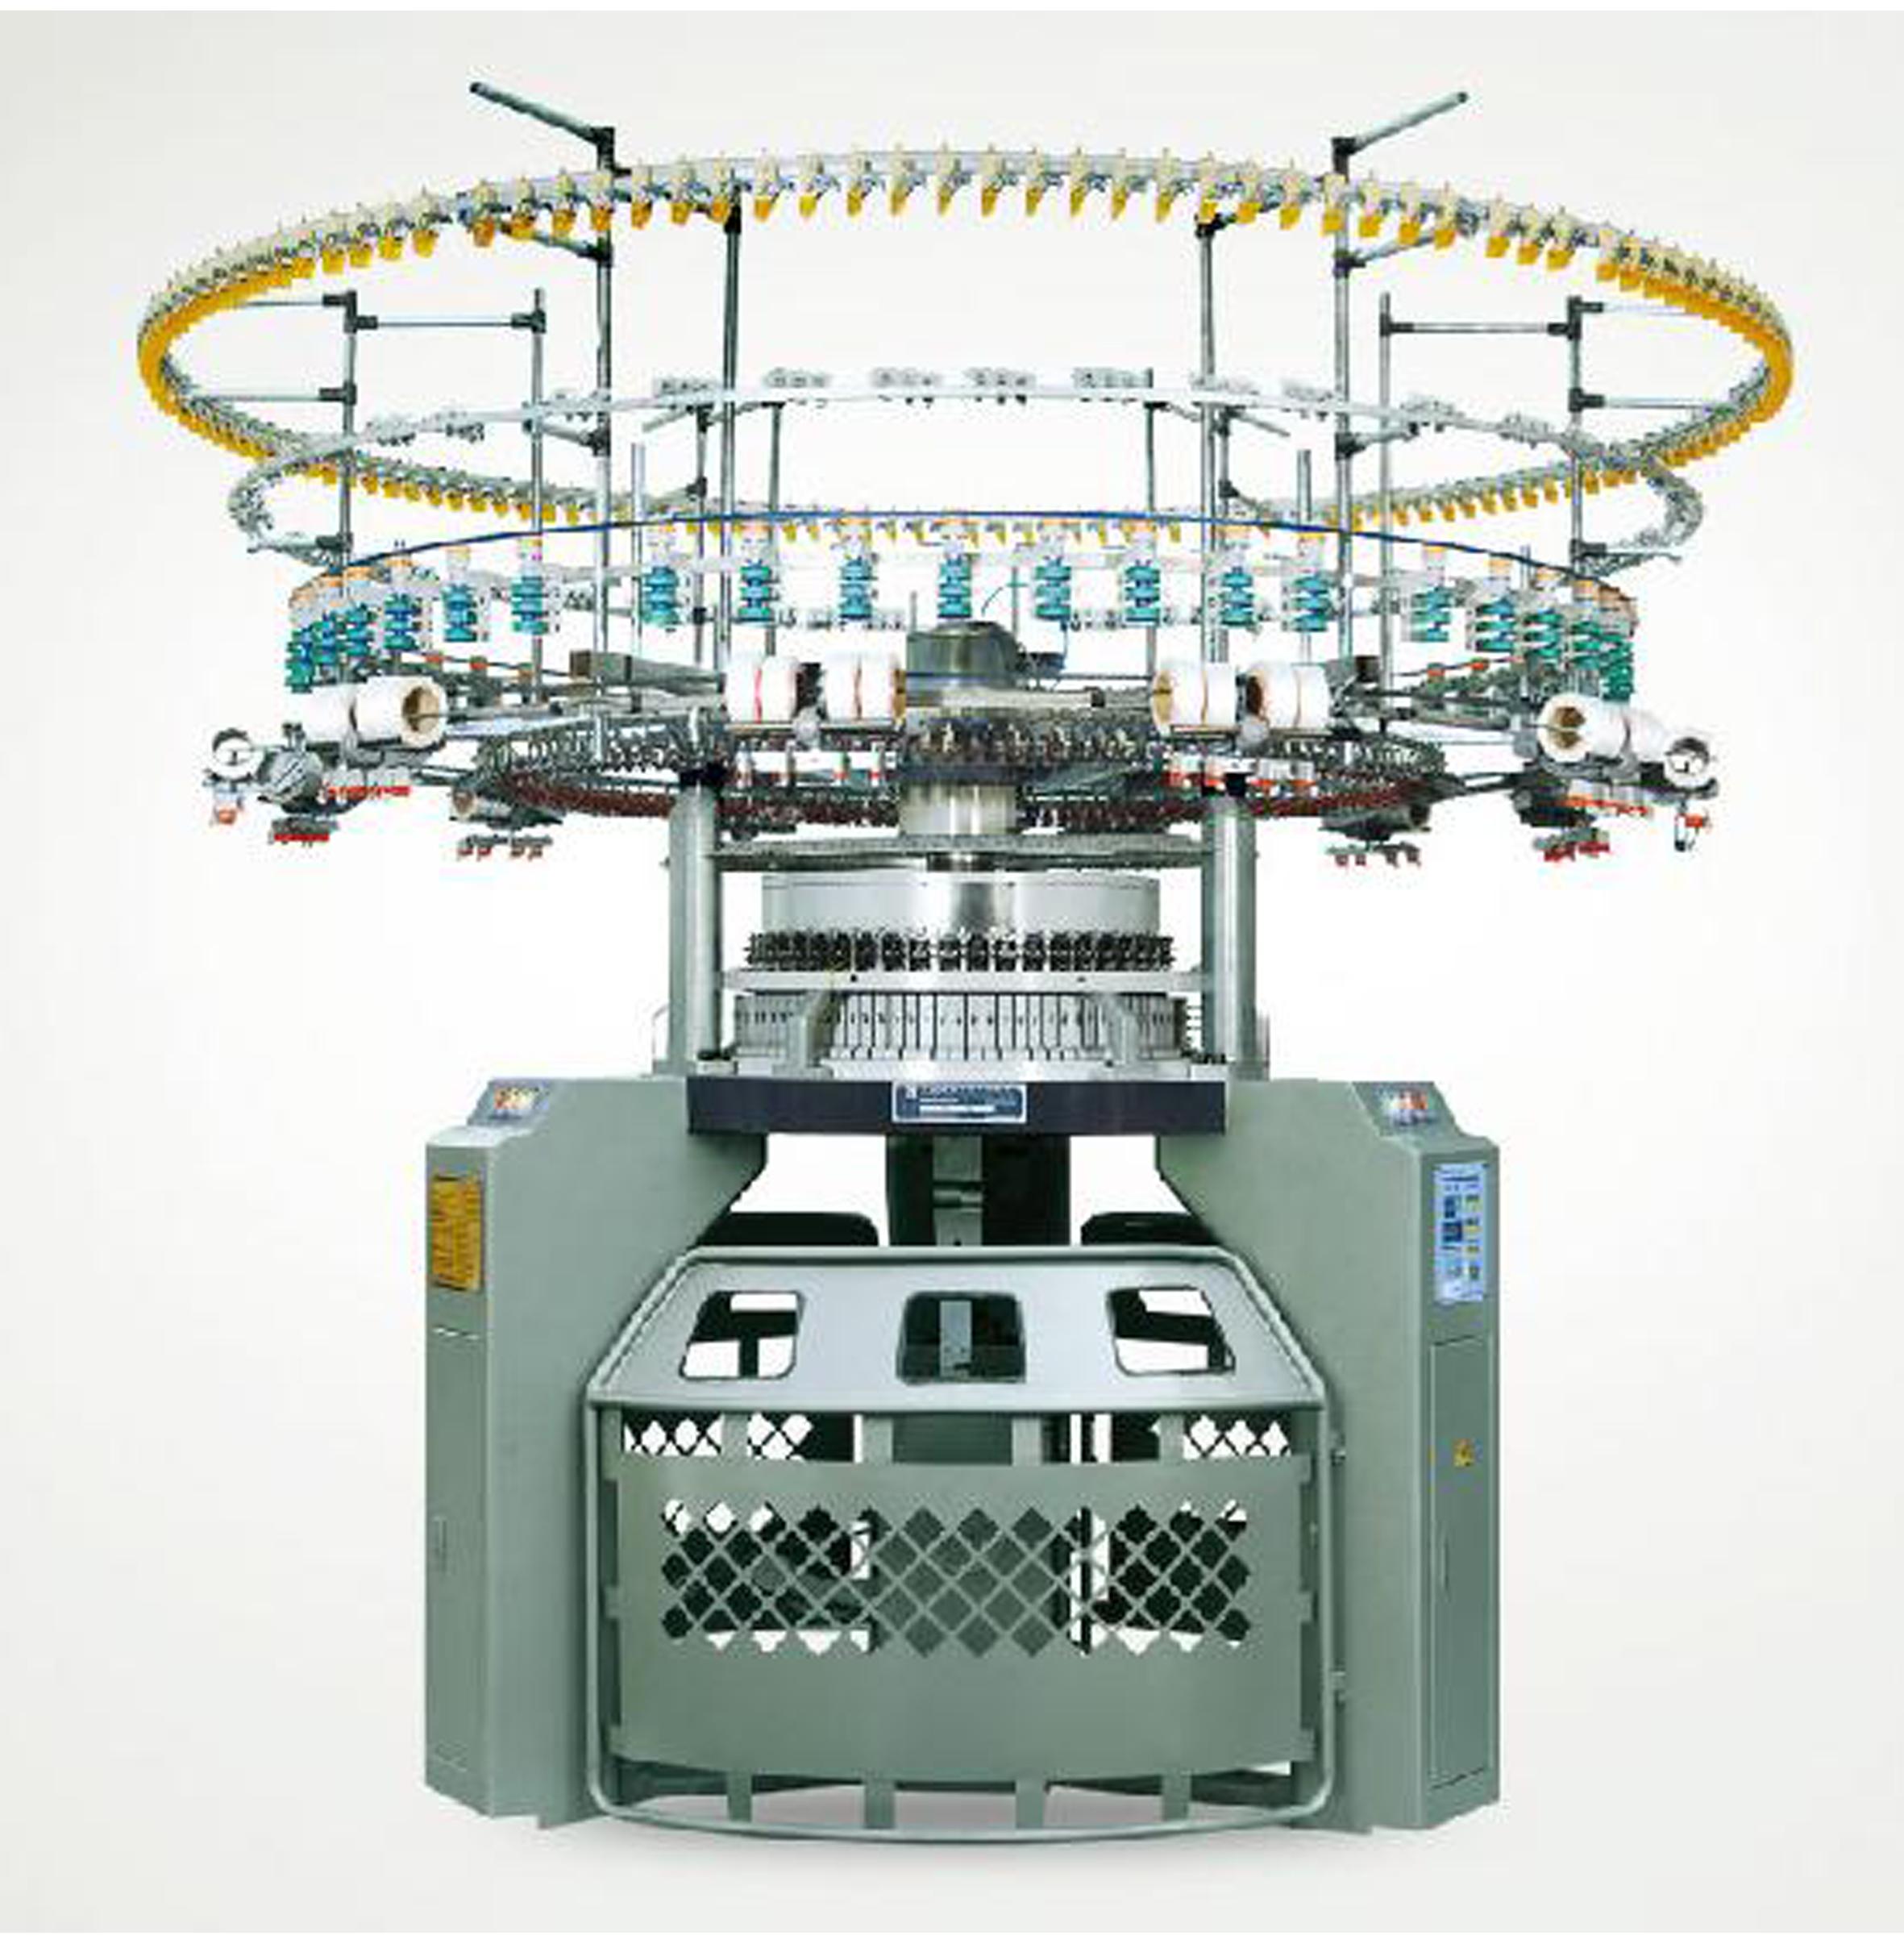 ماشین بافندگی رلتکس رینگل فول الکترونیک ژاکارد